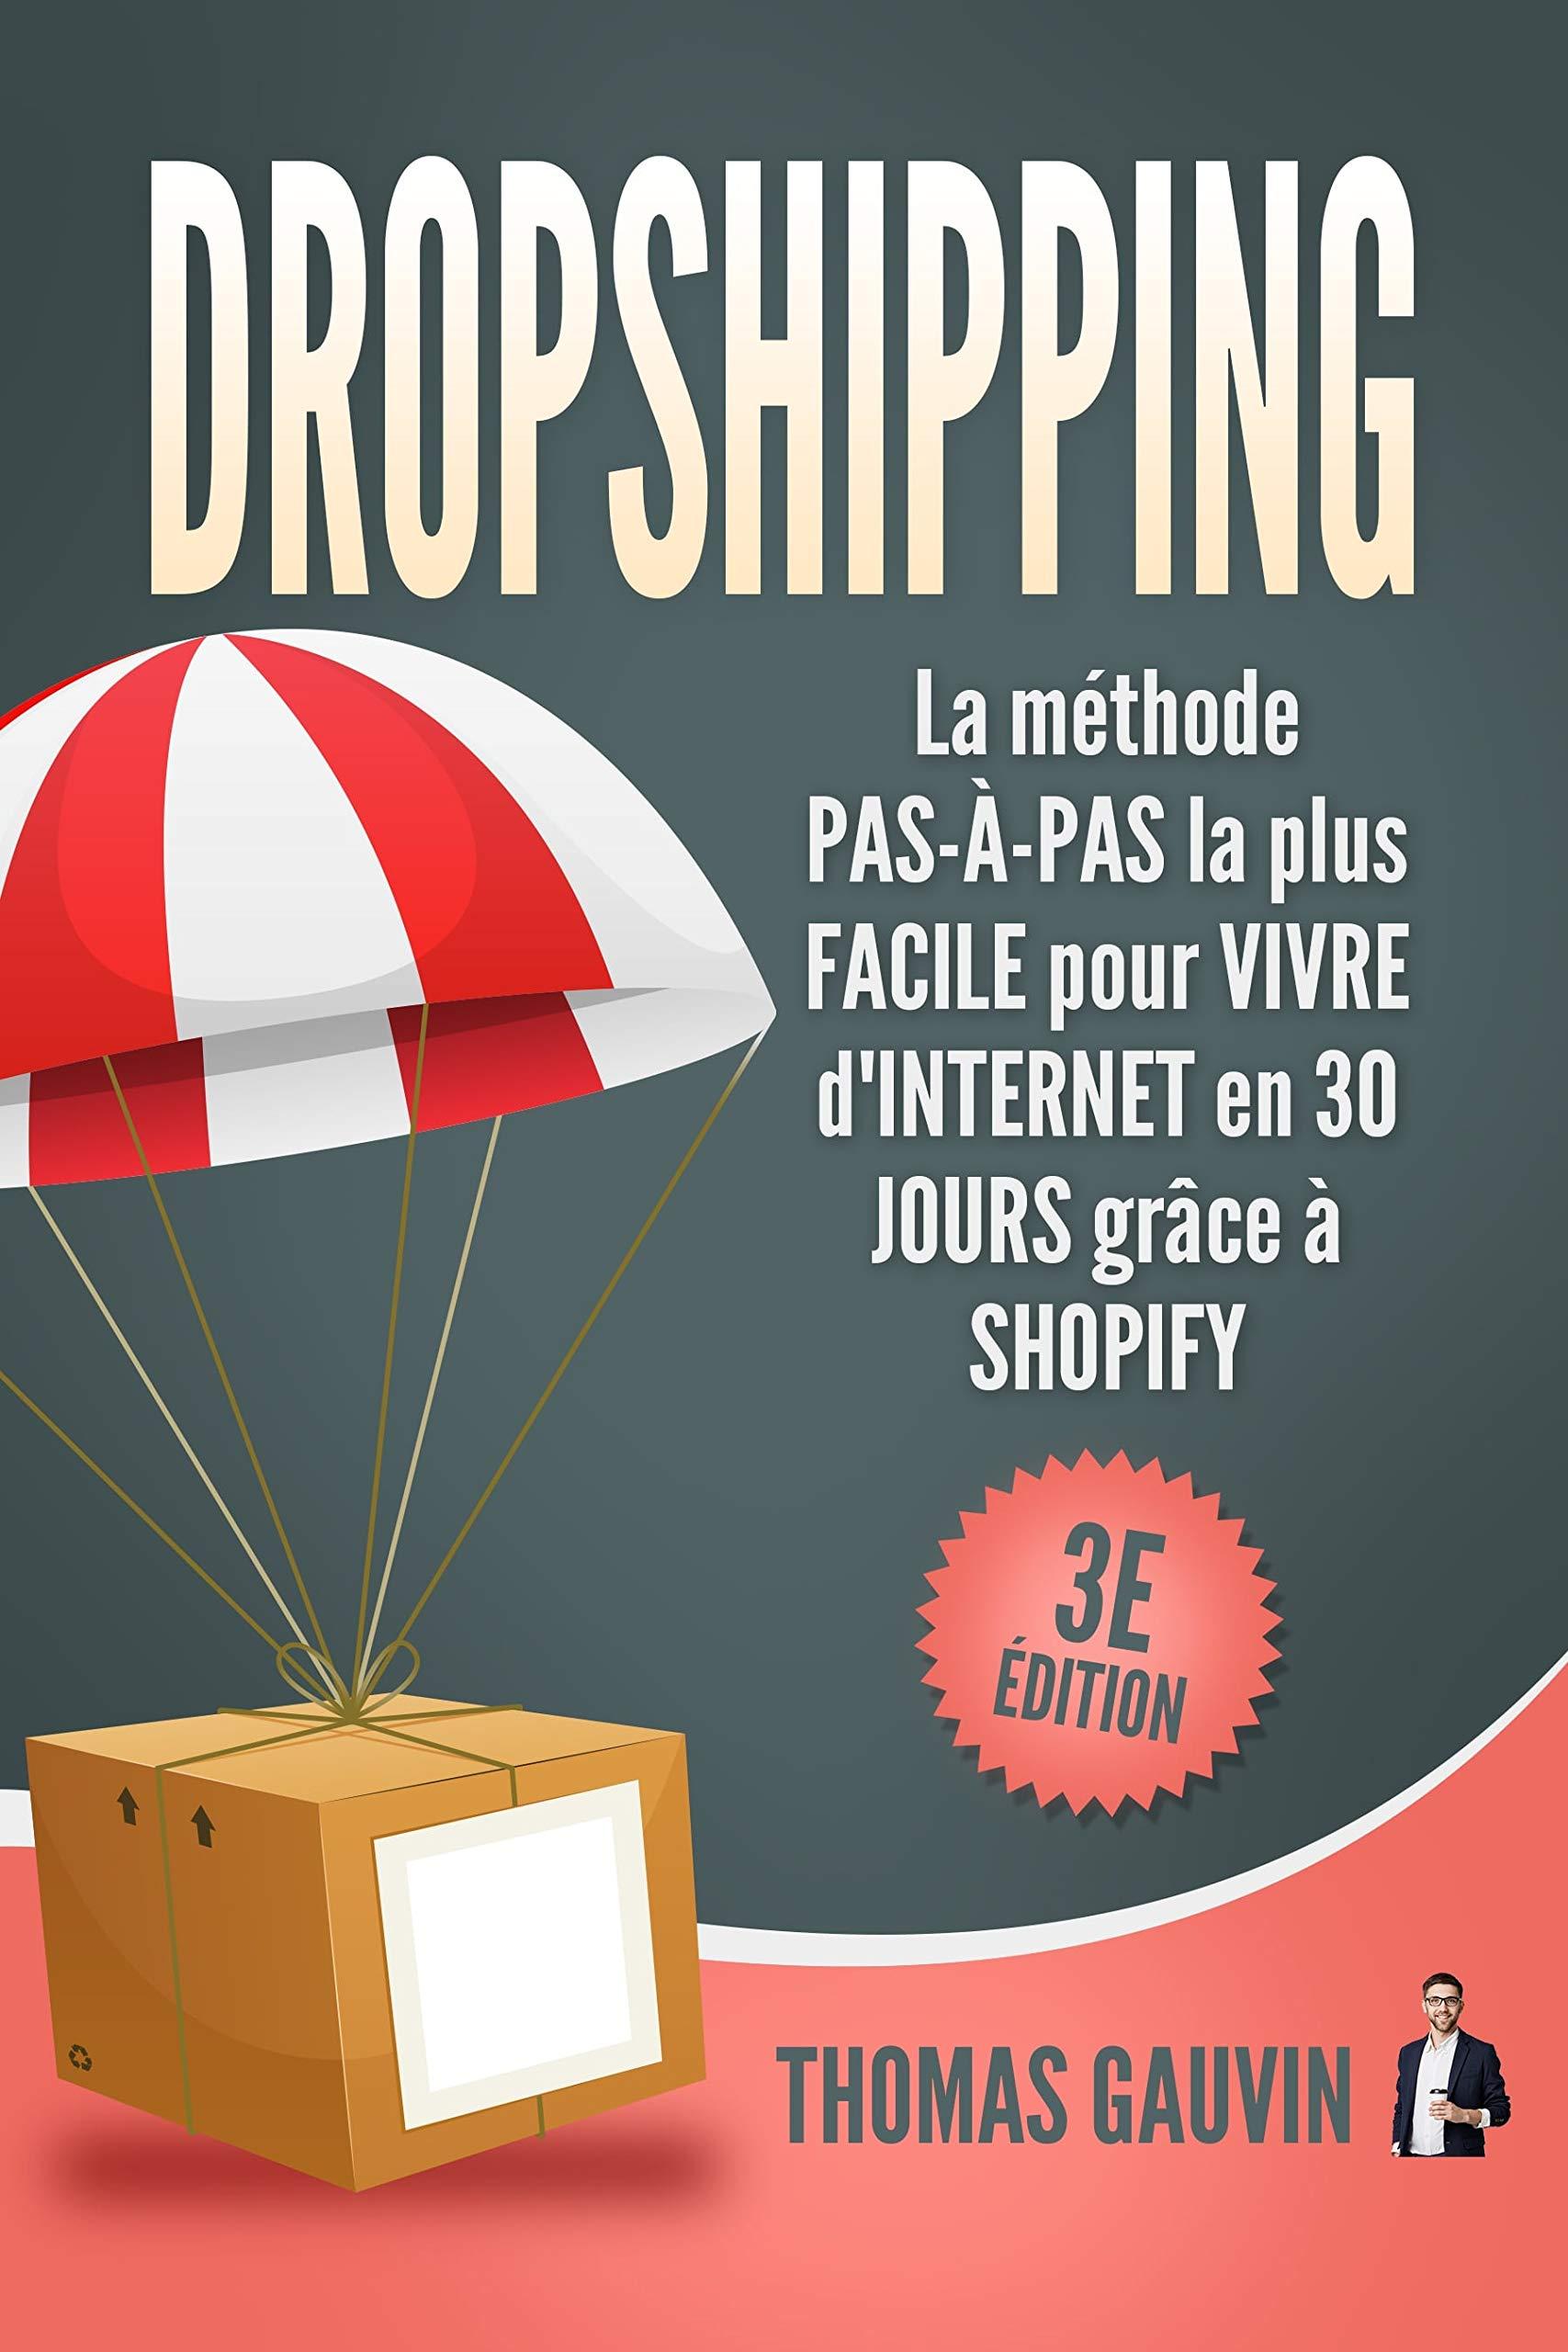 DROPSHIPPING: La méthode PAS-À-PAS la plus FACILE pour VIVRE d'INTERNET en 30 JOURS grâce à SHOPIFY: 3e édition. (Le DROPSHIPPING pour les DÉBUTANTS.) par Thomas Gauvin